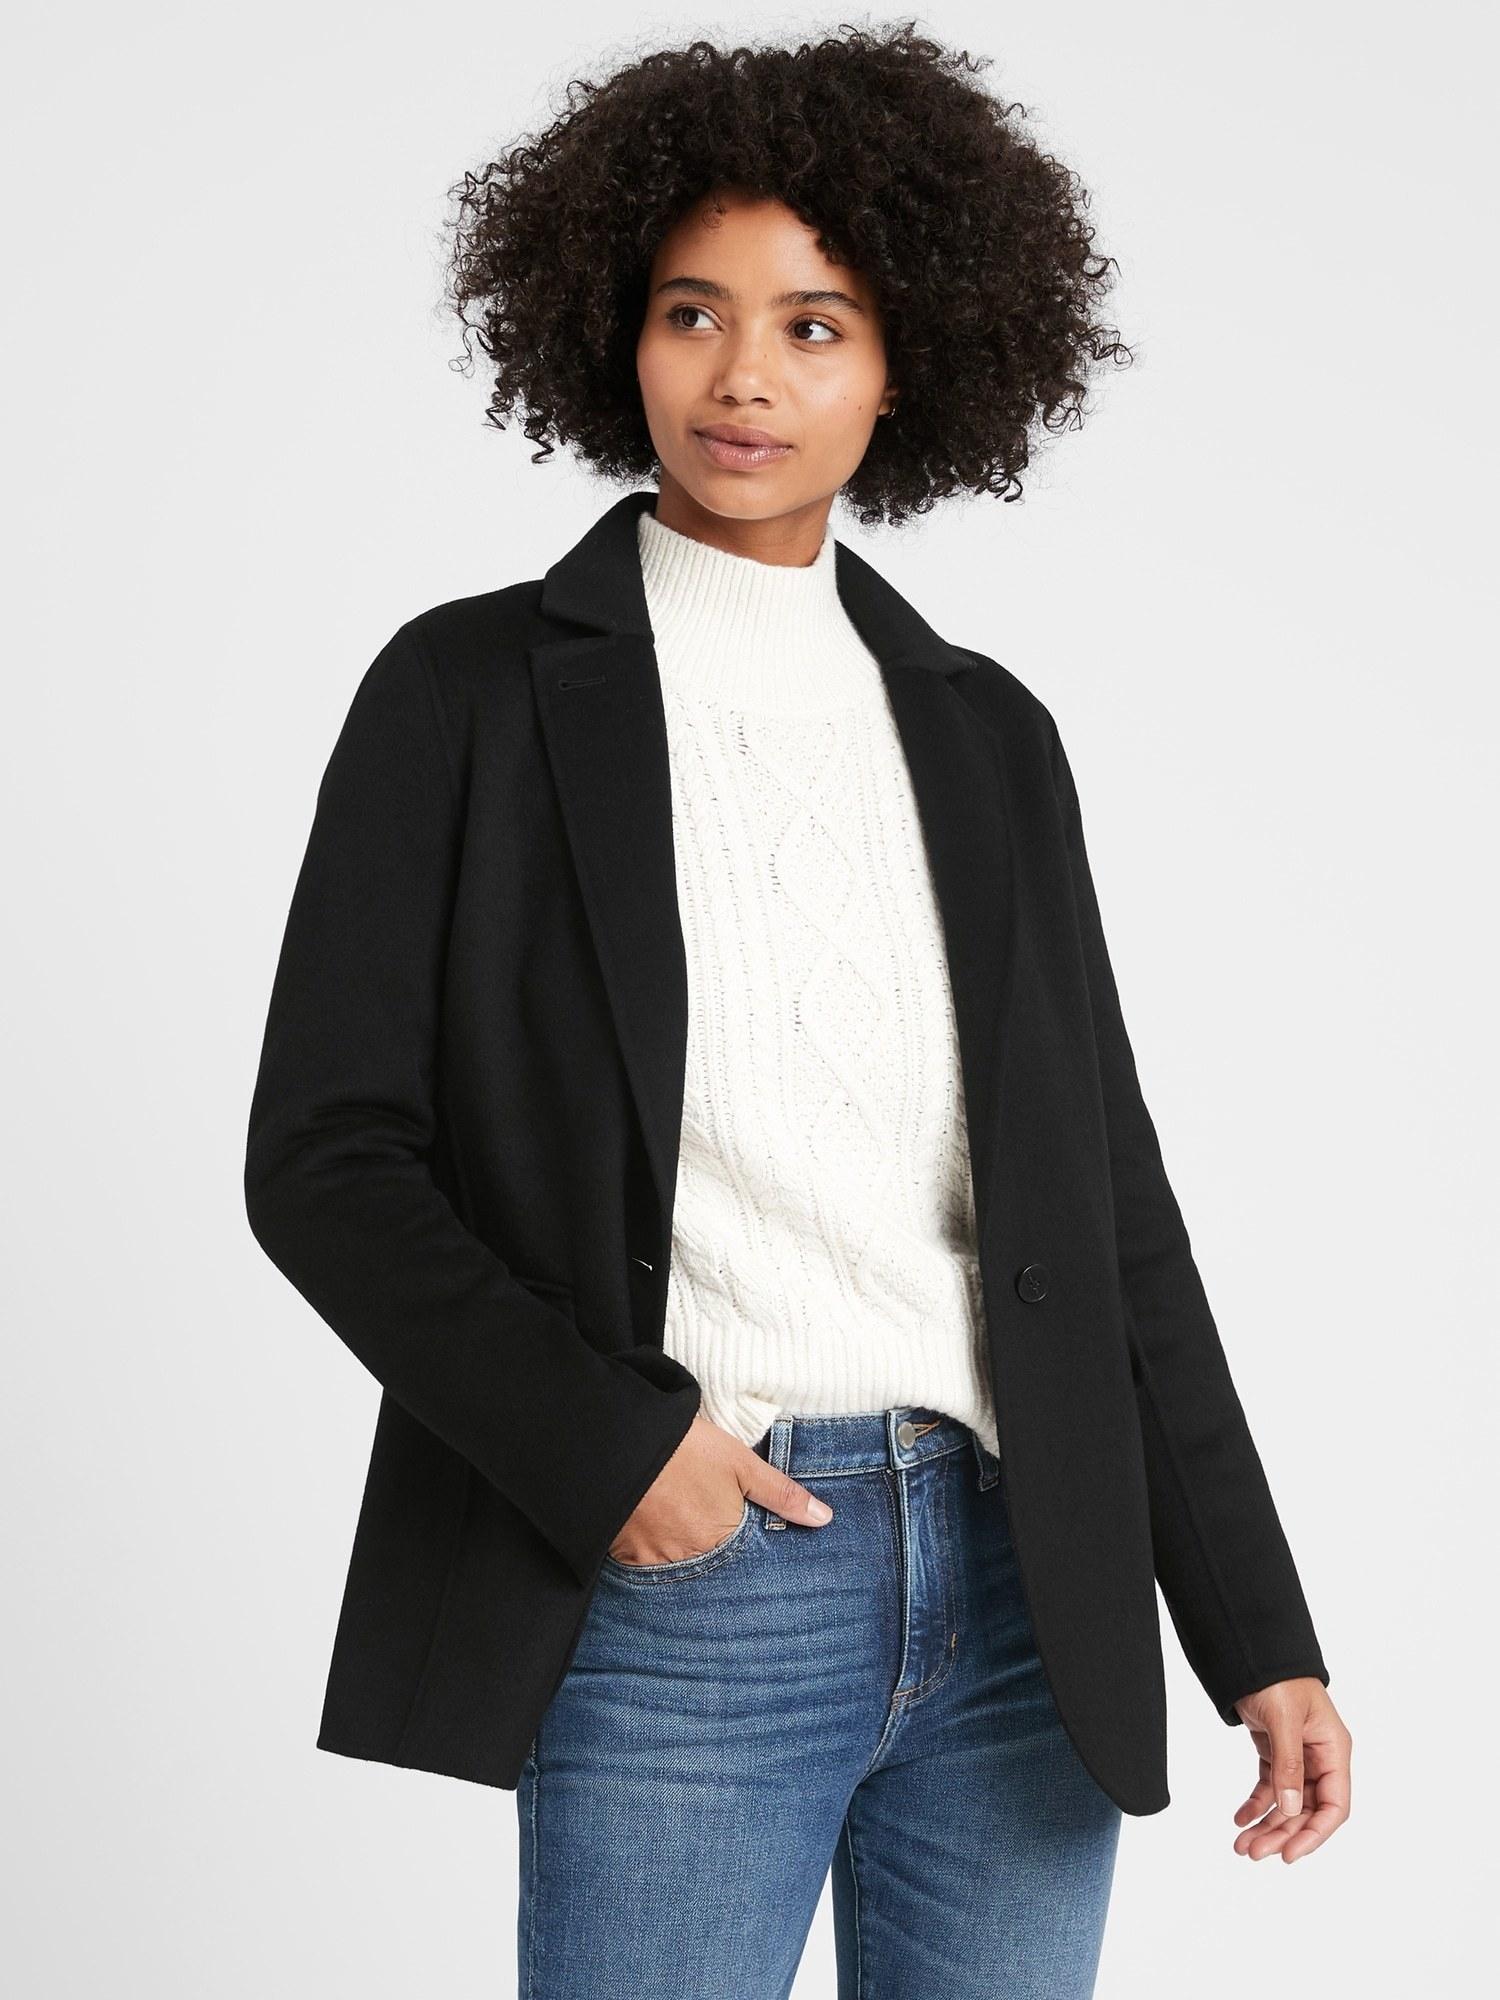 Model wearing the jacket in black